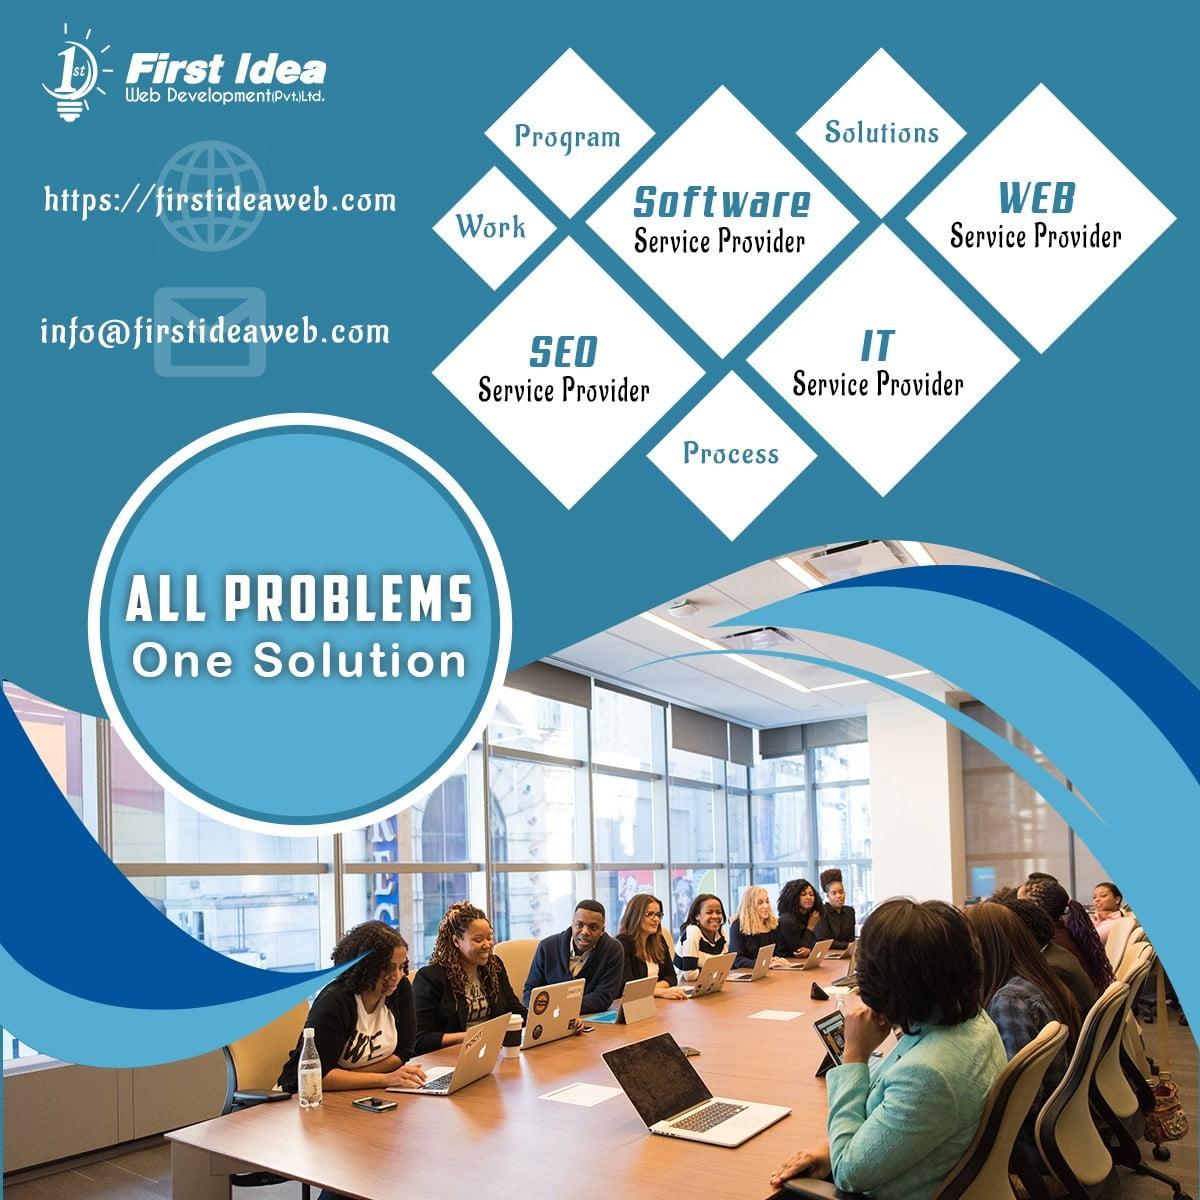 development solutions in pakistan, It Development Solutions & Services, software services provider, software company services list, Leading IT Company,